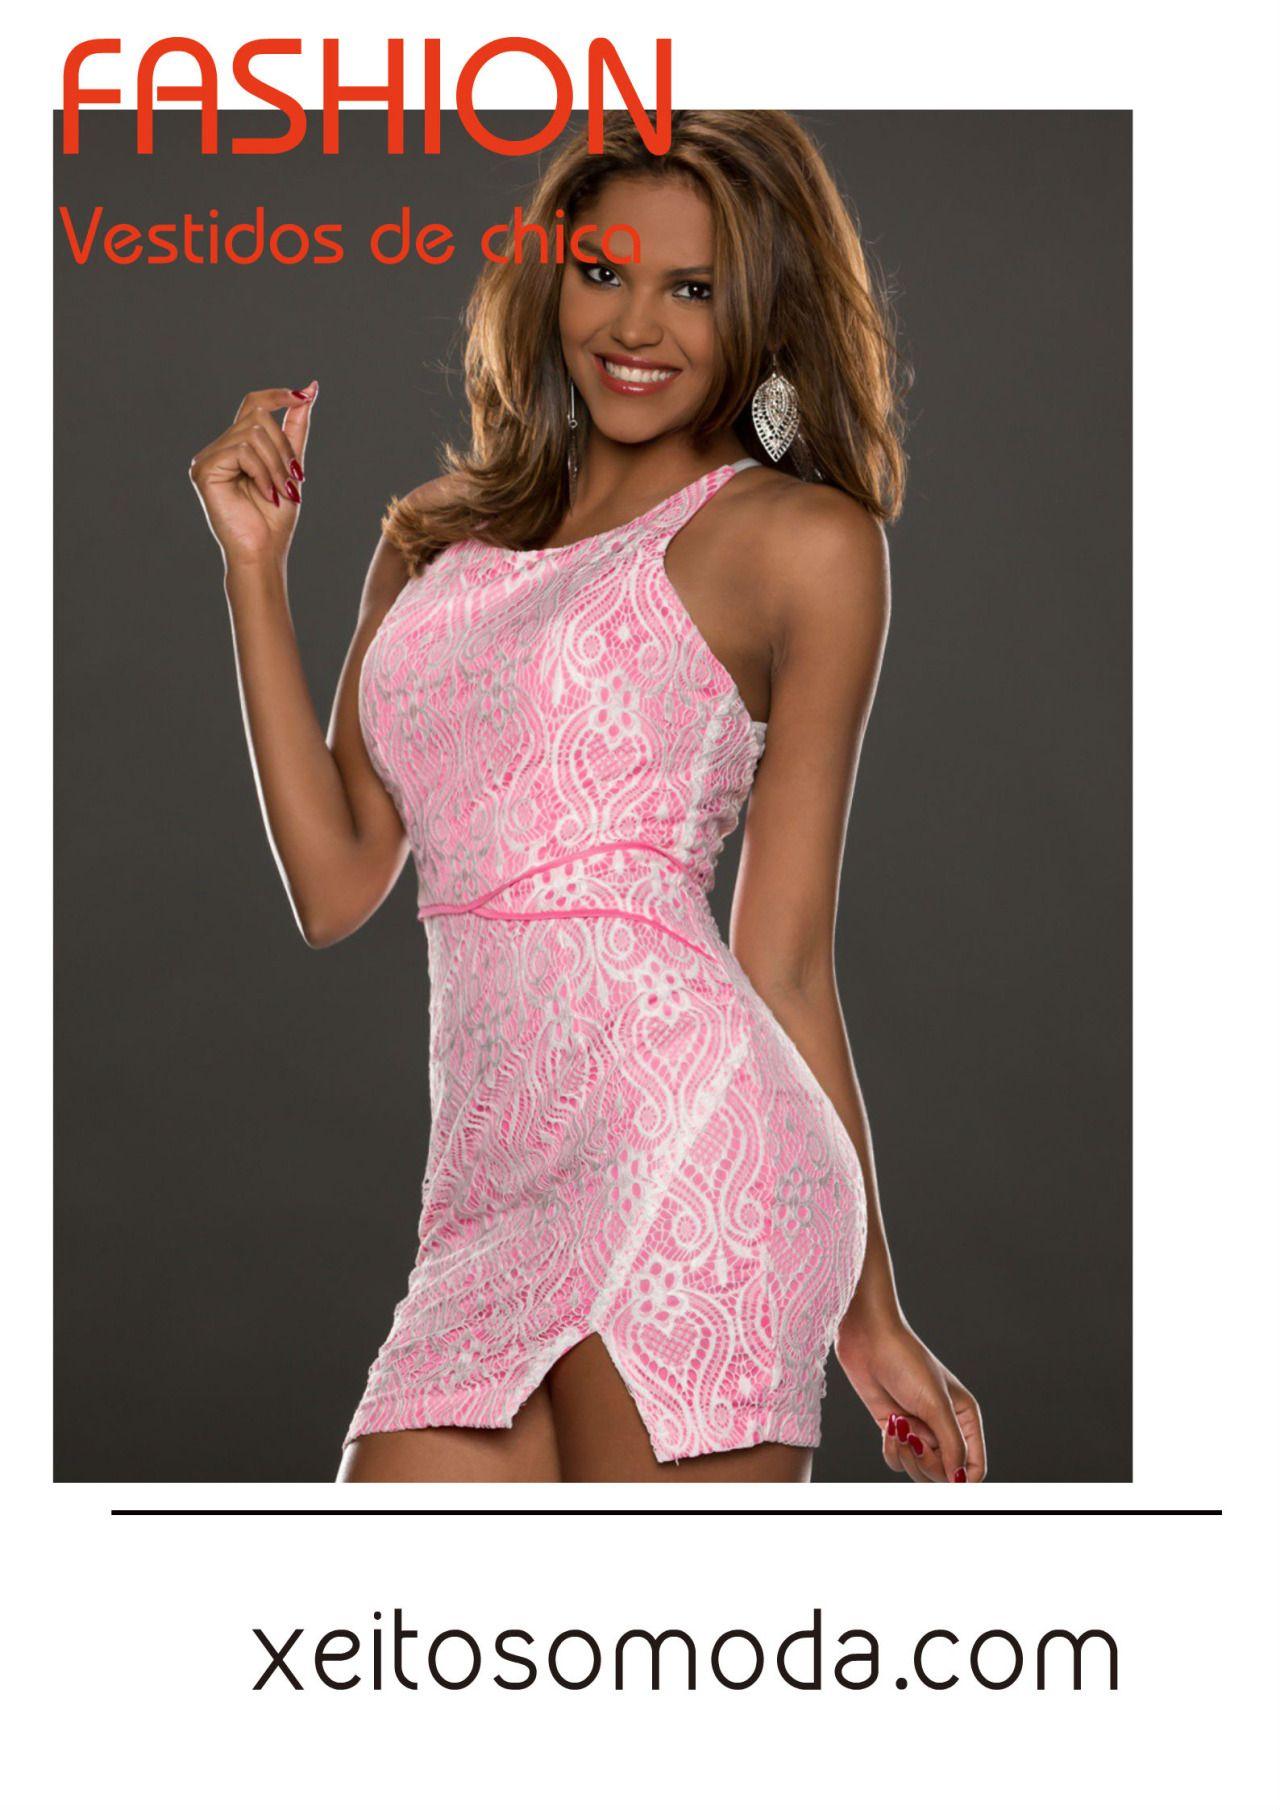 Mini vestido de chica, ropa de fiesta, compras online en España ...